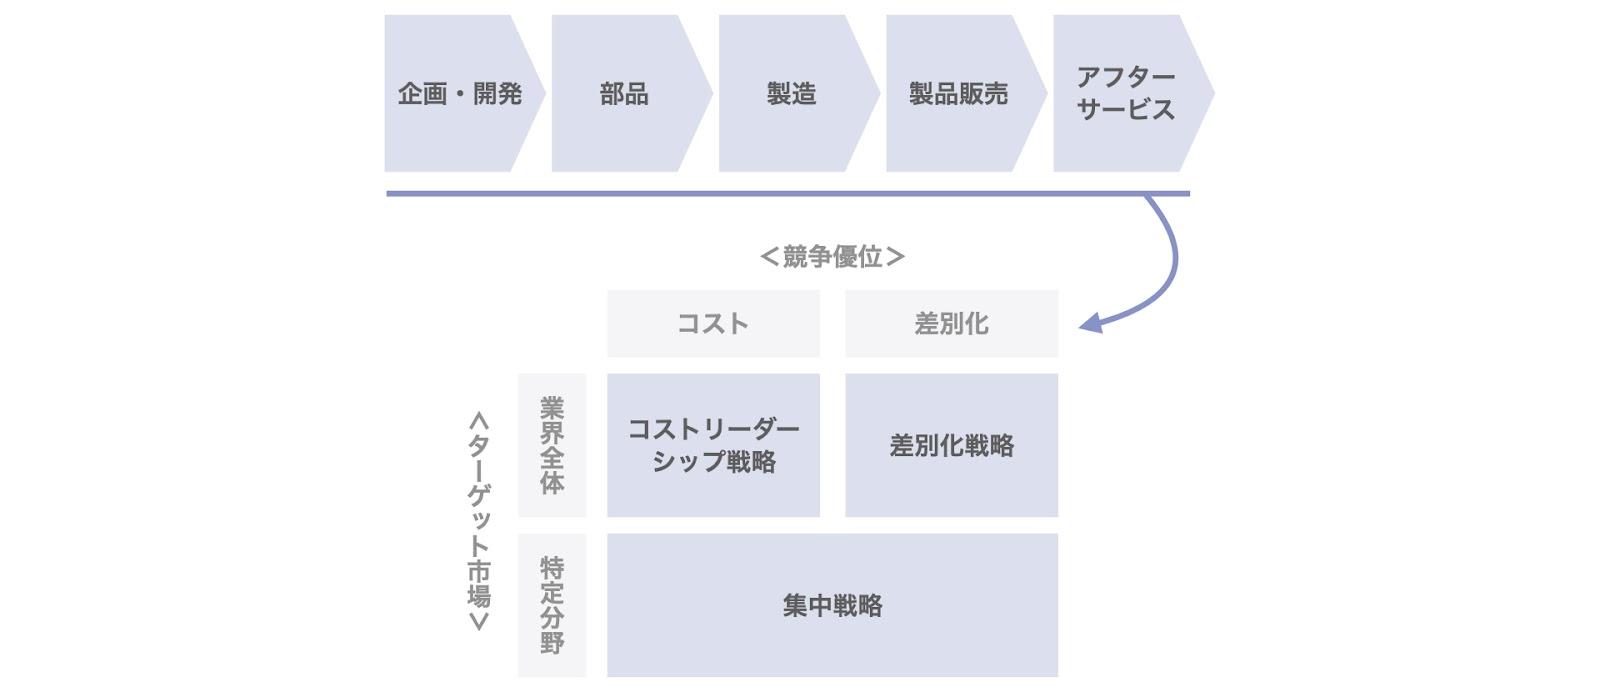 競争戦略の3類型とバリューチェーン